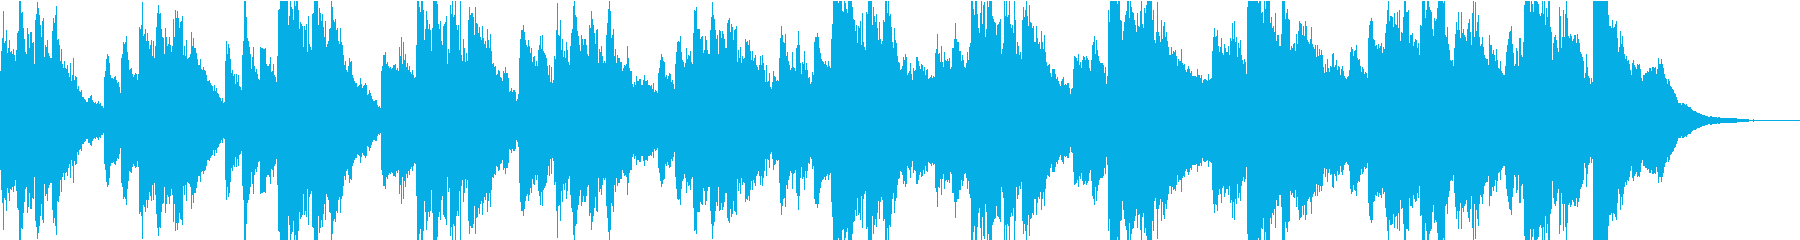 ゆったりとした雰囲気のピアノループの再生済みの波形